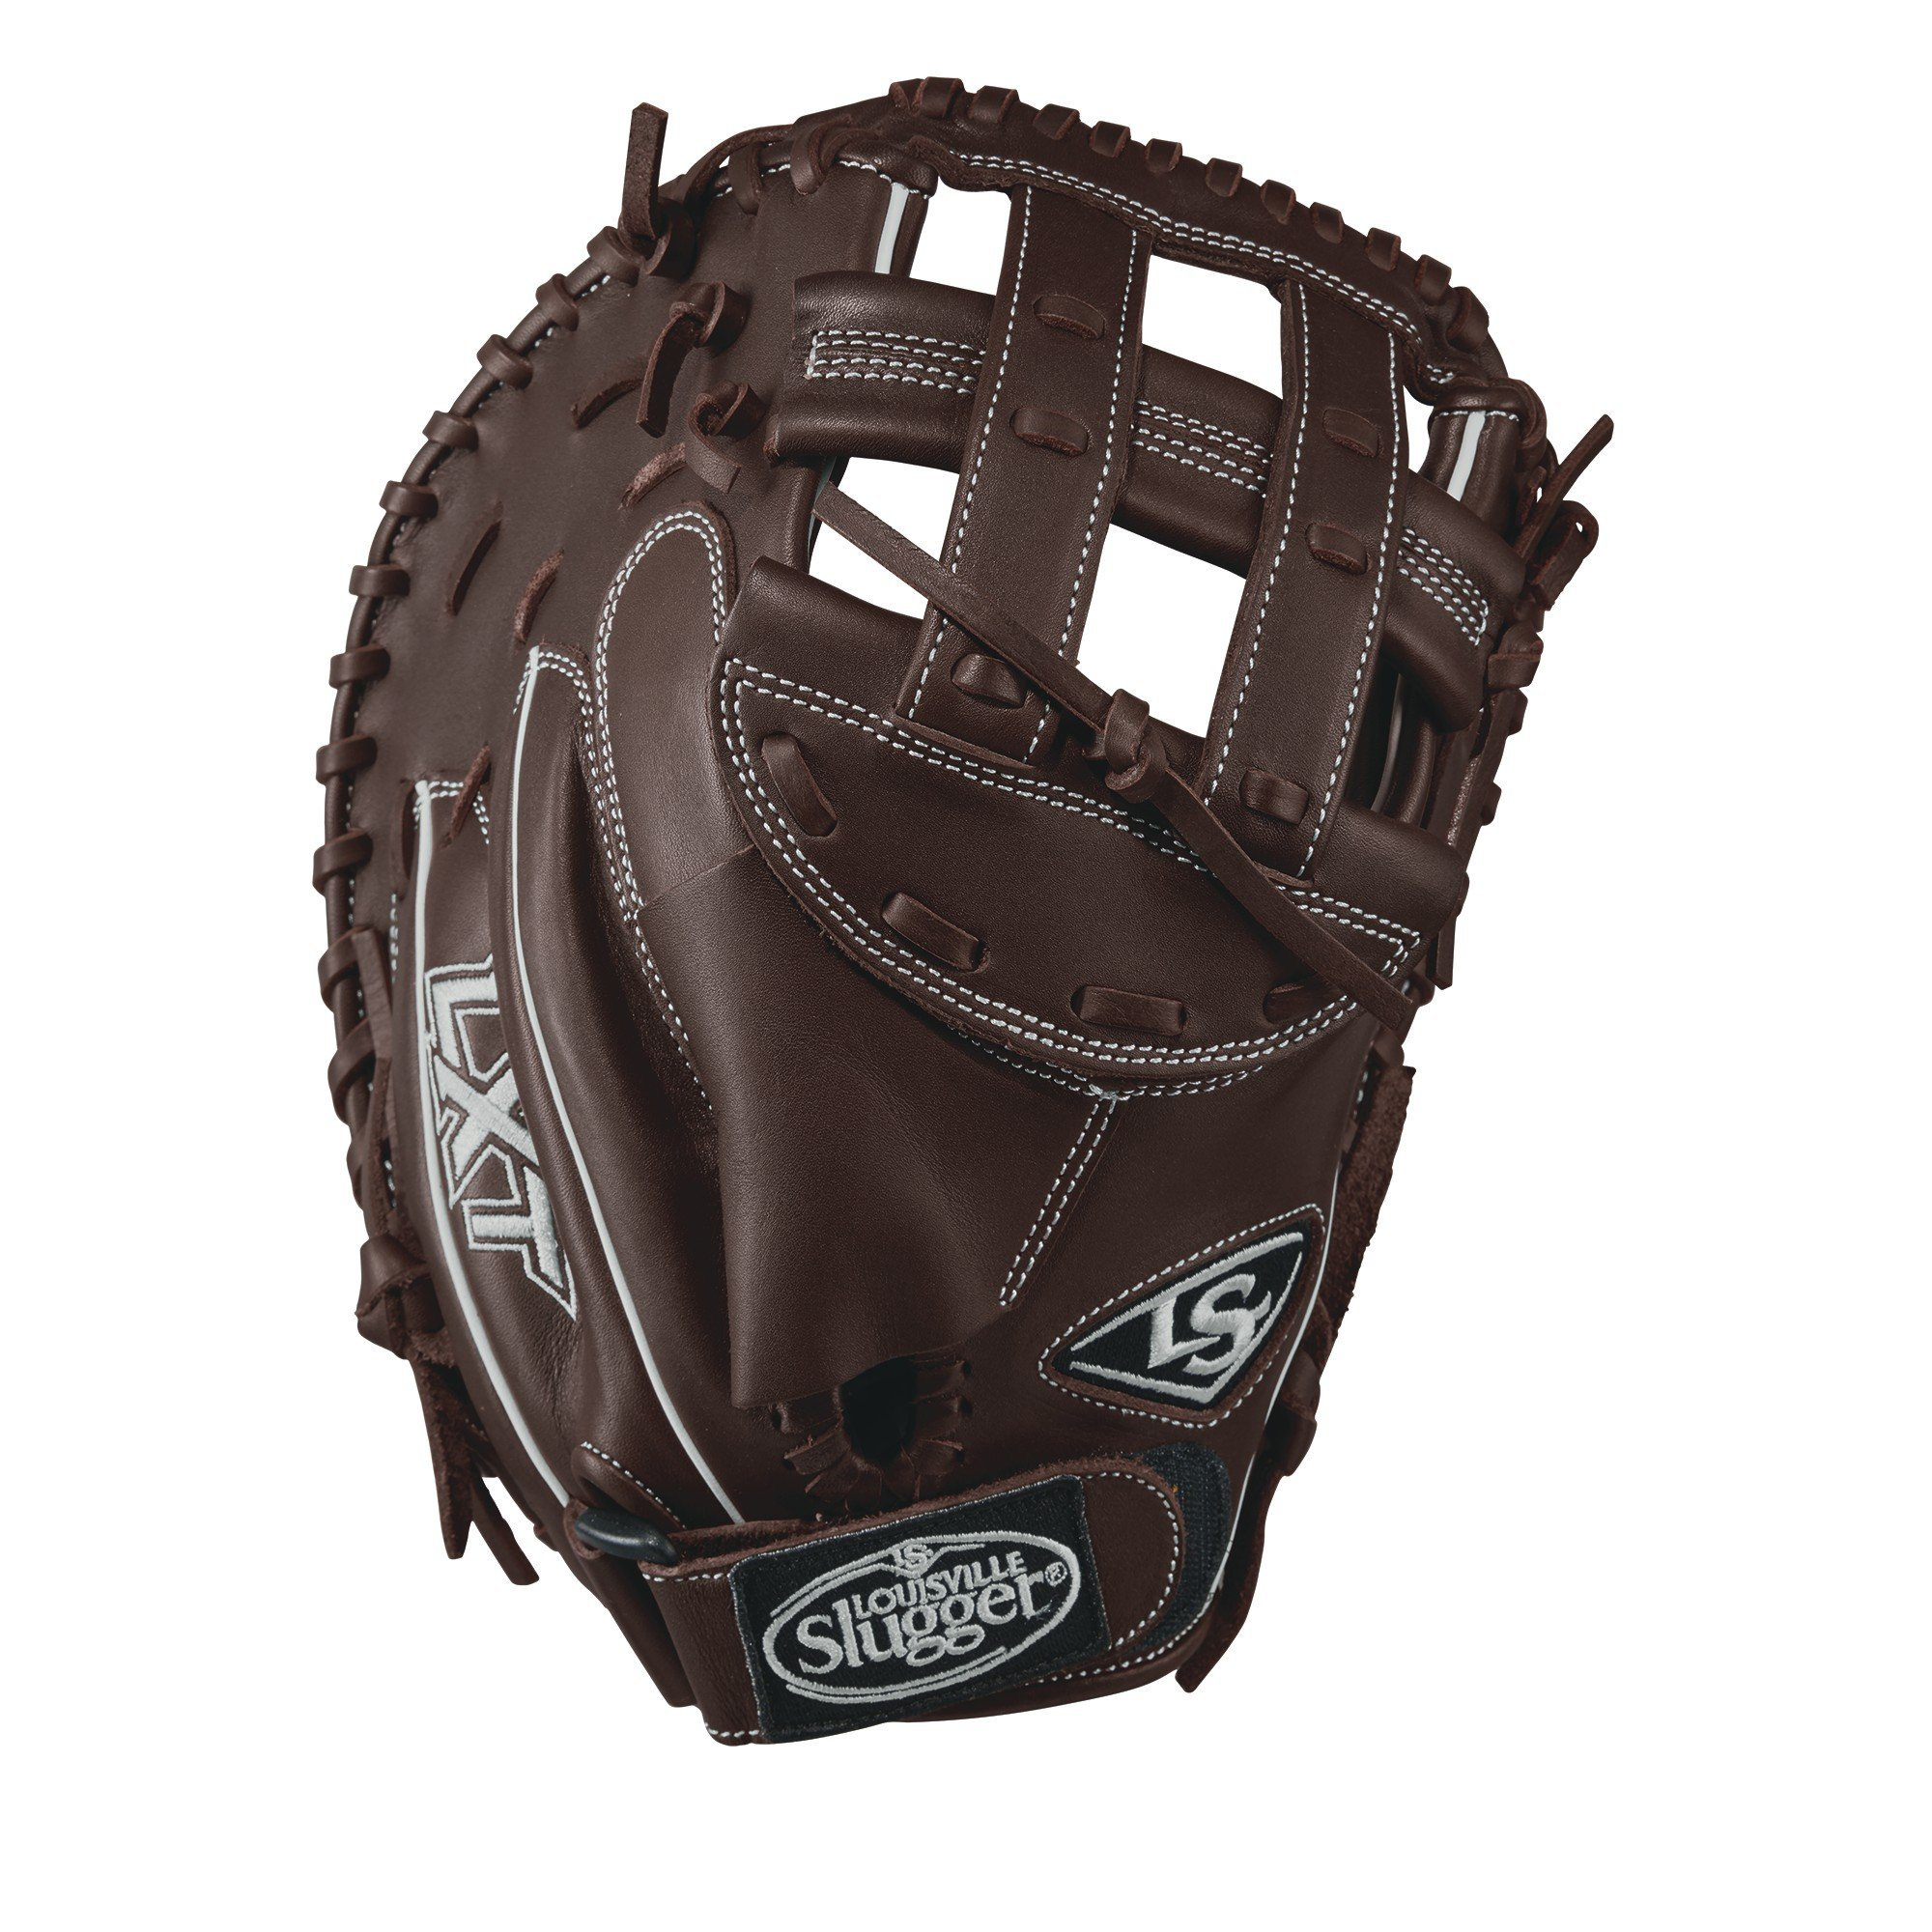 Louisville Slugger LXT Catcher's Mitts, Left Hand, 33'', Dark Brown/White by Louisville Slugger